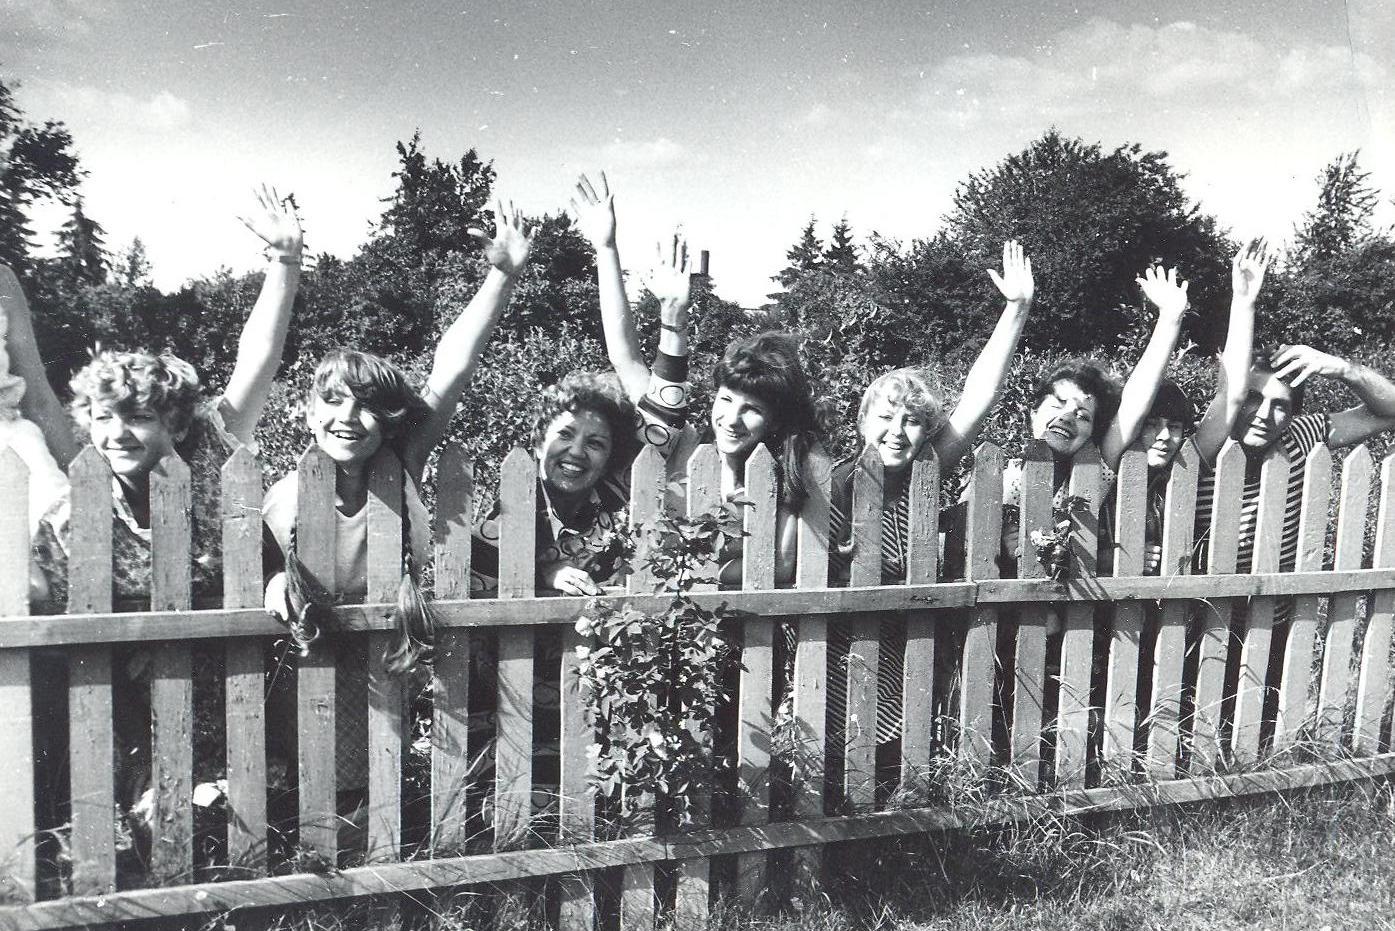 Саша Варламов (крайний справа): «Это фольклорные экспедиции. Мне тогда было 30 лет, и я работал заведующим ОНИЛ, где Юлия Чурко была научным руководителем».